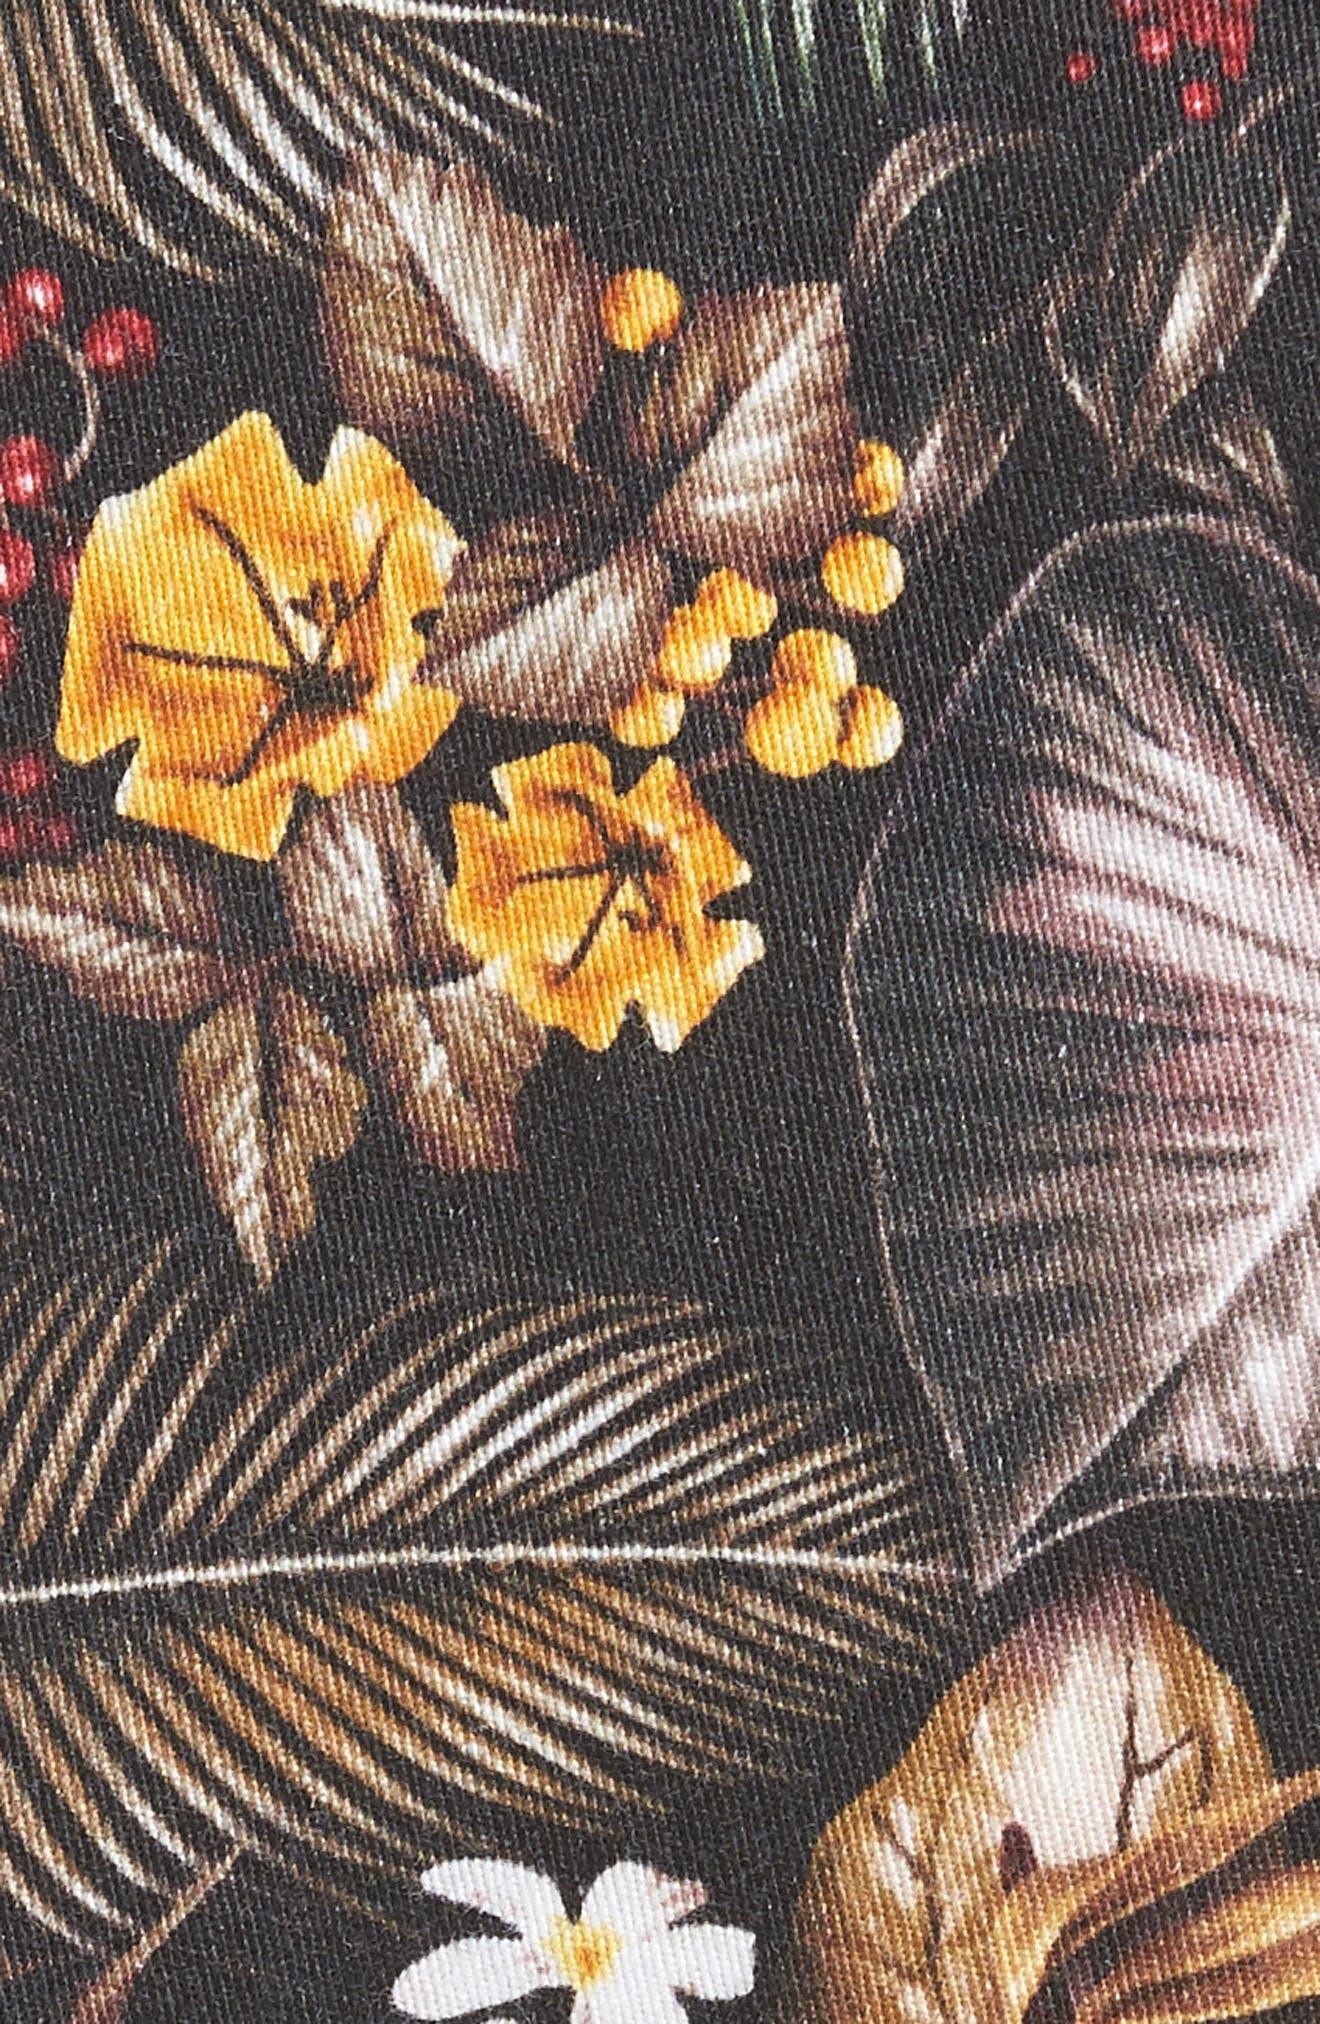 Maracas Woven Shorts,                             Alternate thumbnail 5, color,                             200